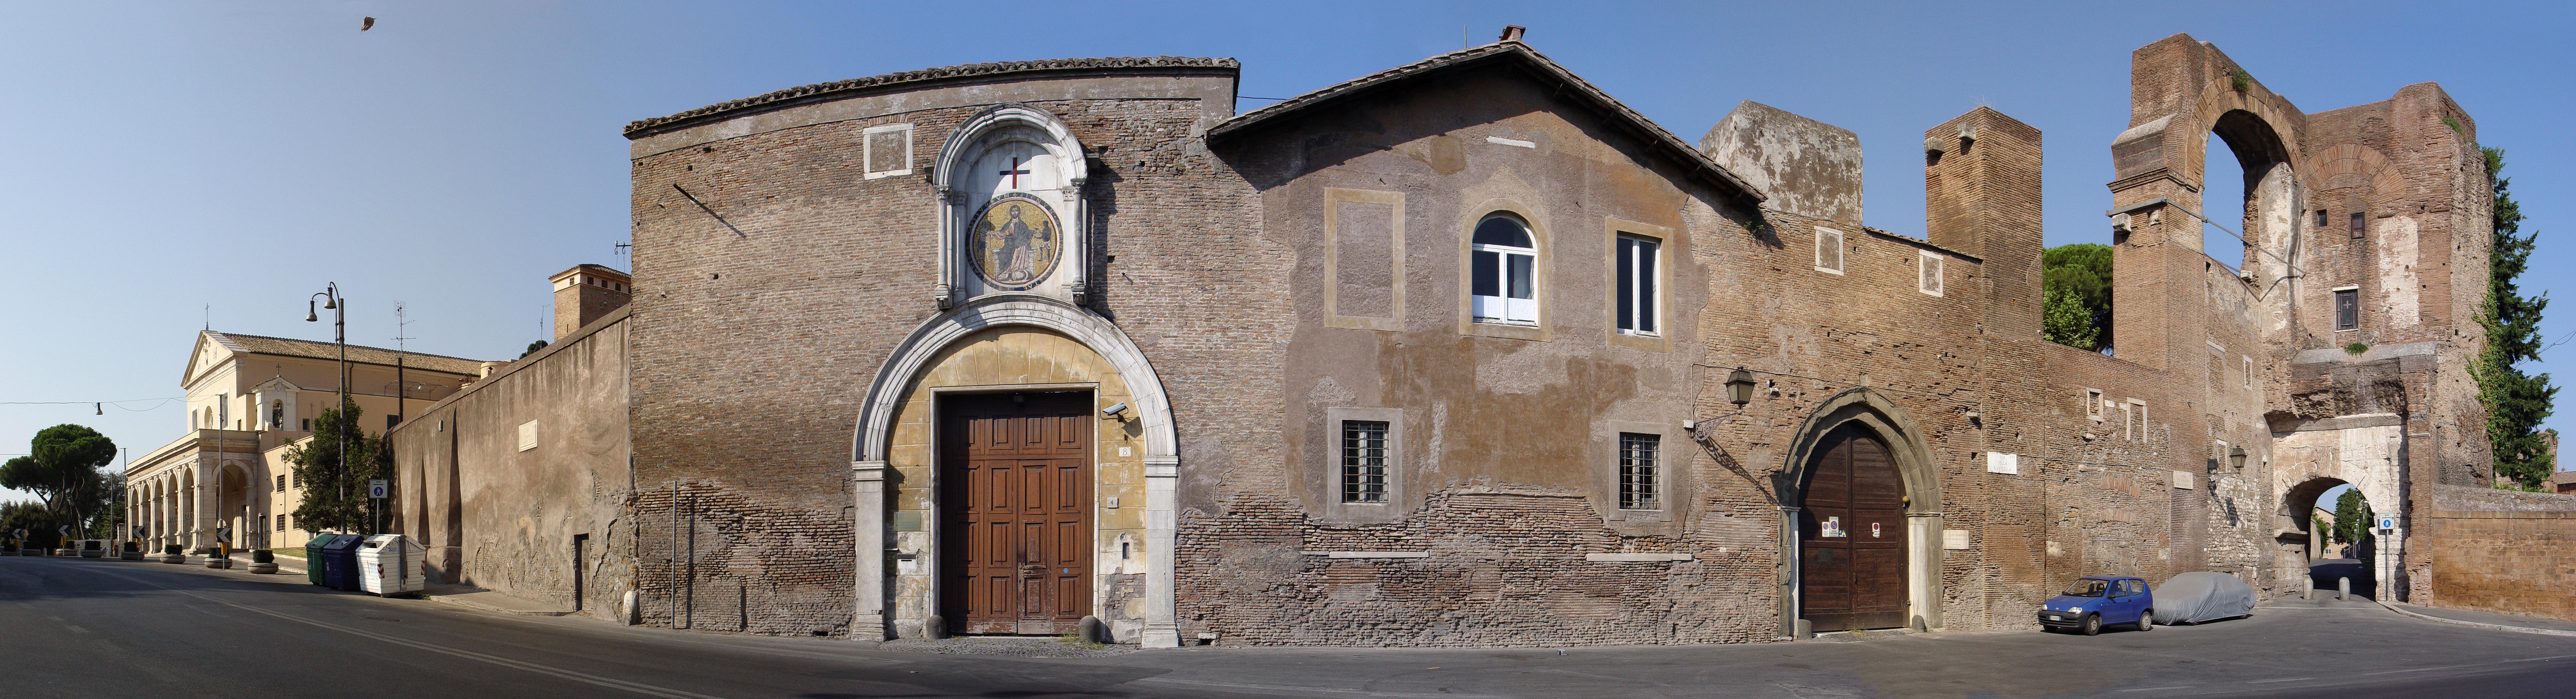 Mura e porte di roma - Sostegno della porta ...